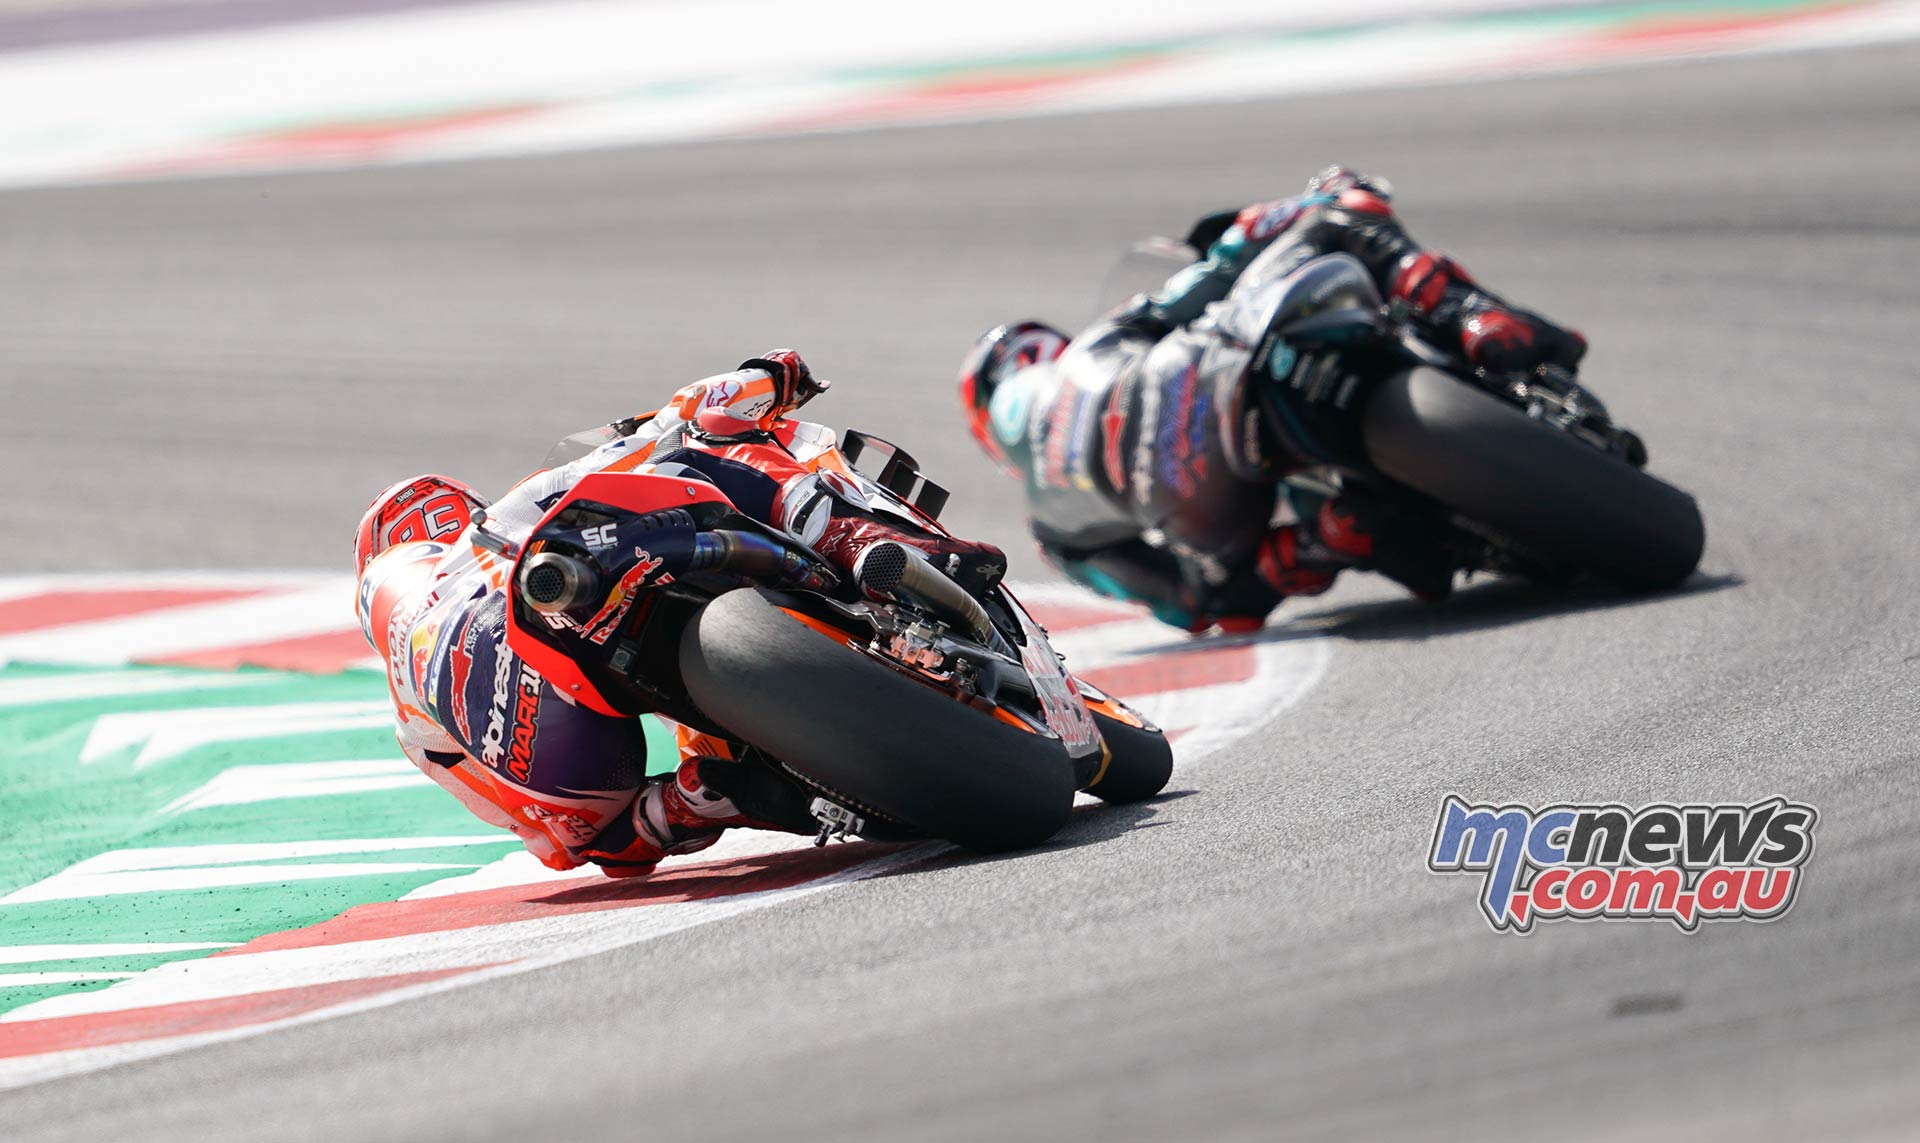 MotoGP Rnd Misano Quartararo Marquez